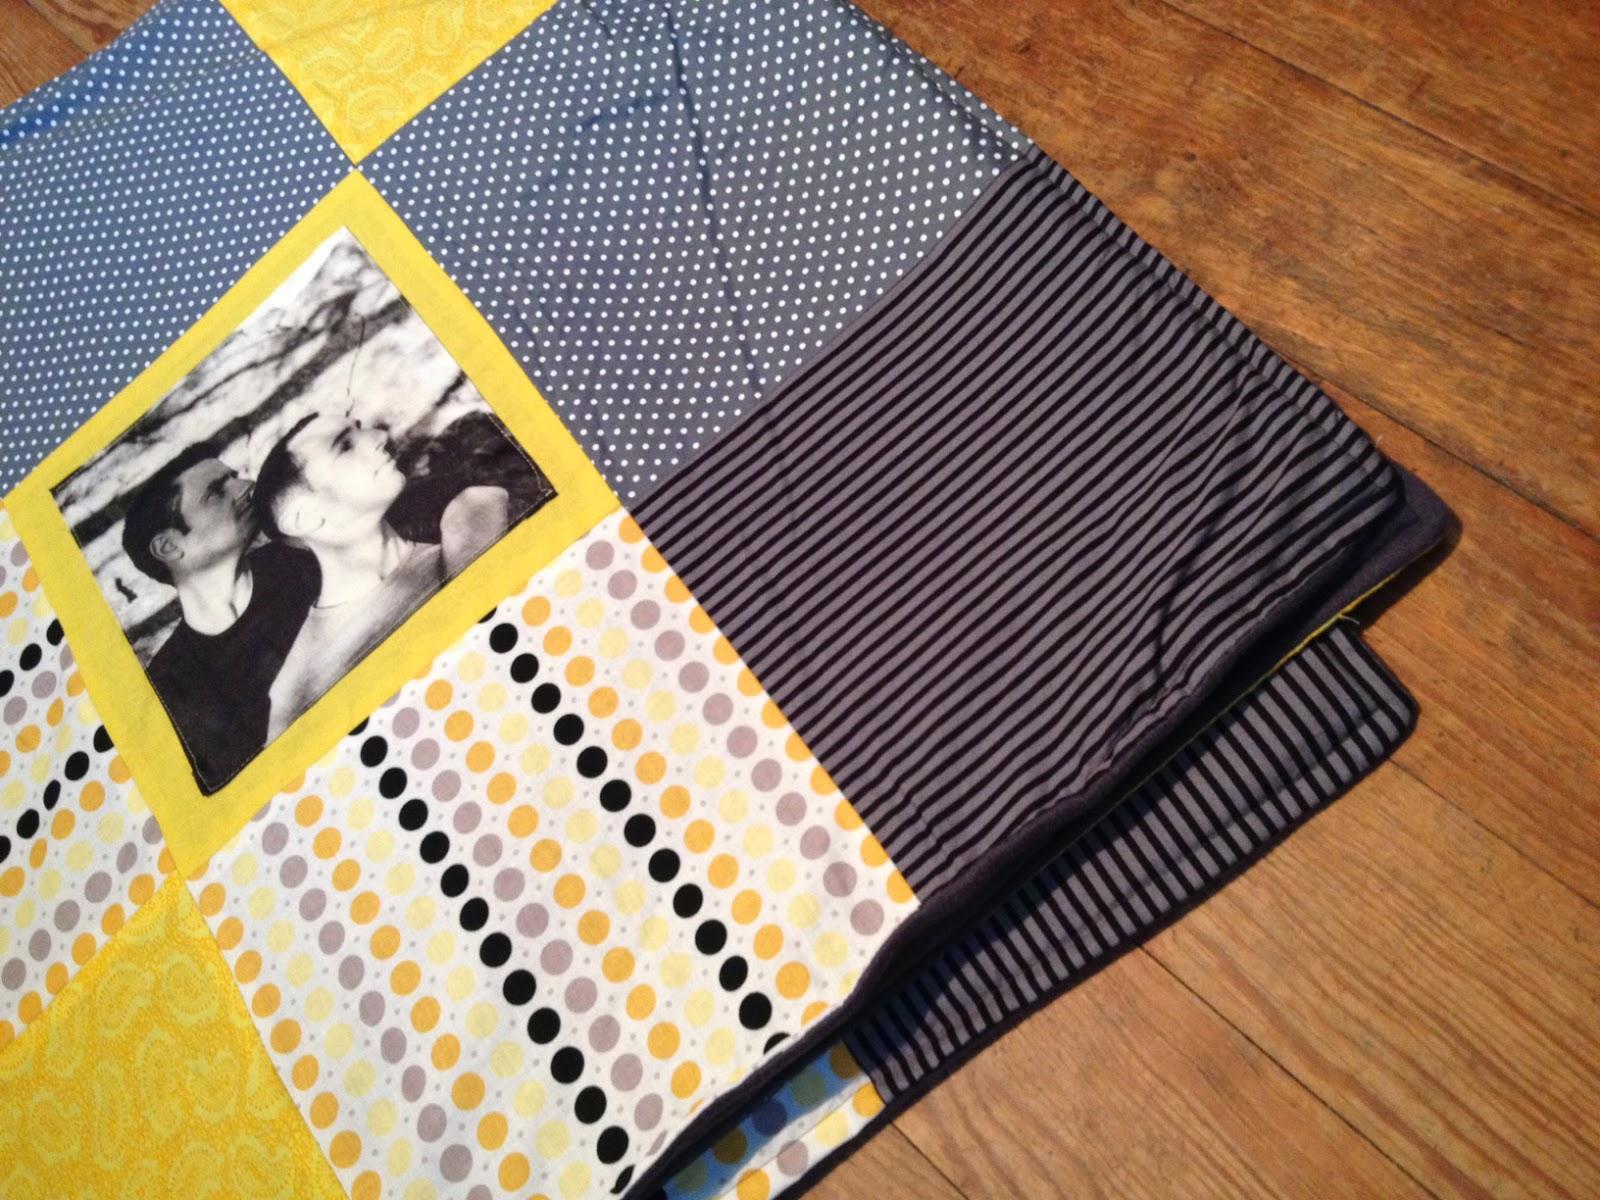 ich mag schischi patchwork decke mit fotos. Black Bedroom Furniture Sets. Home Design Ideas